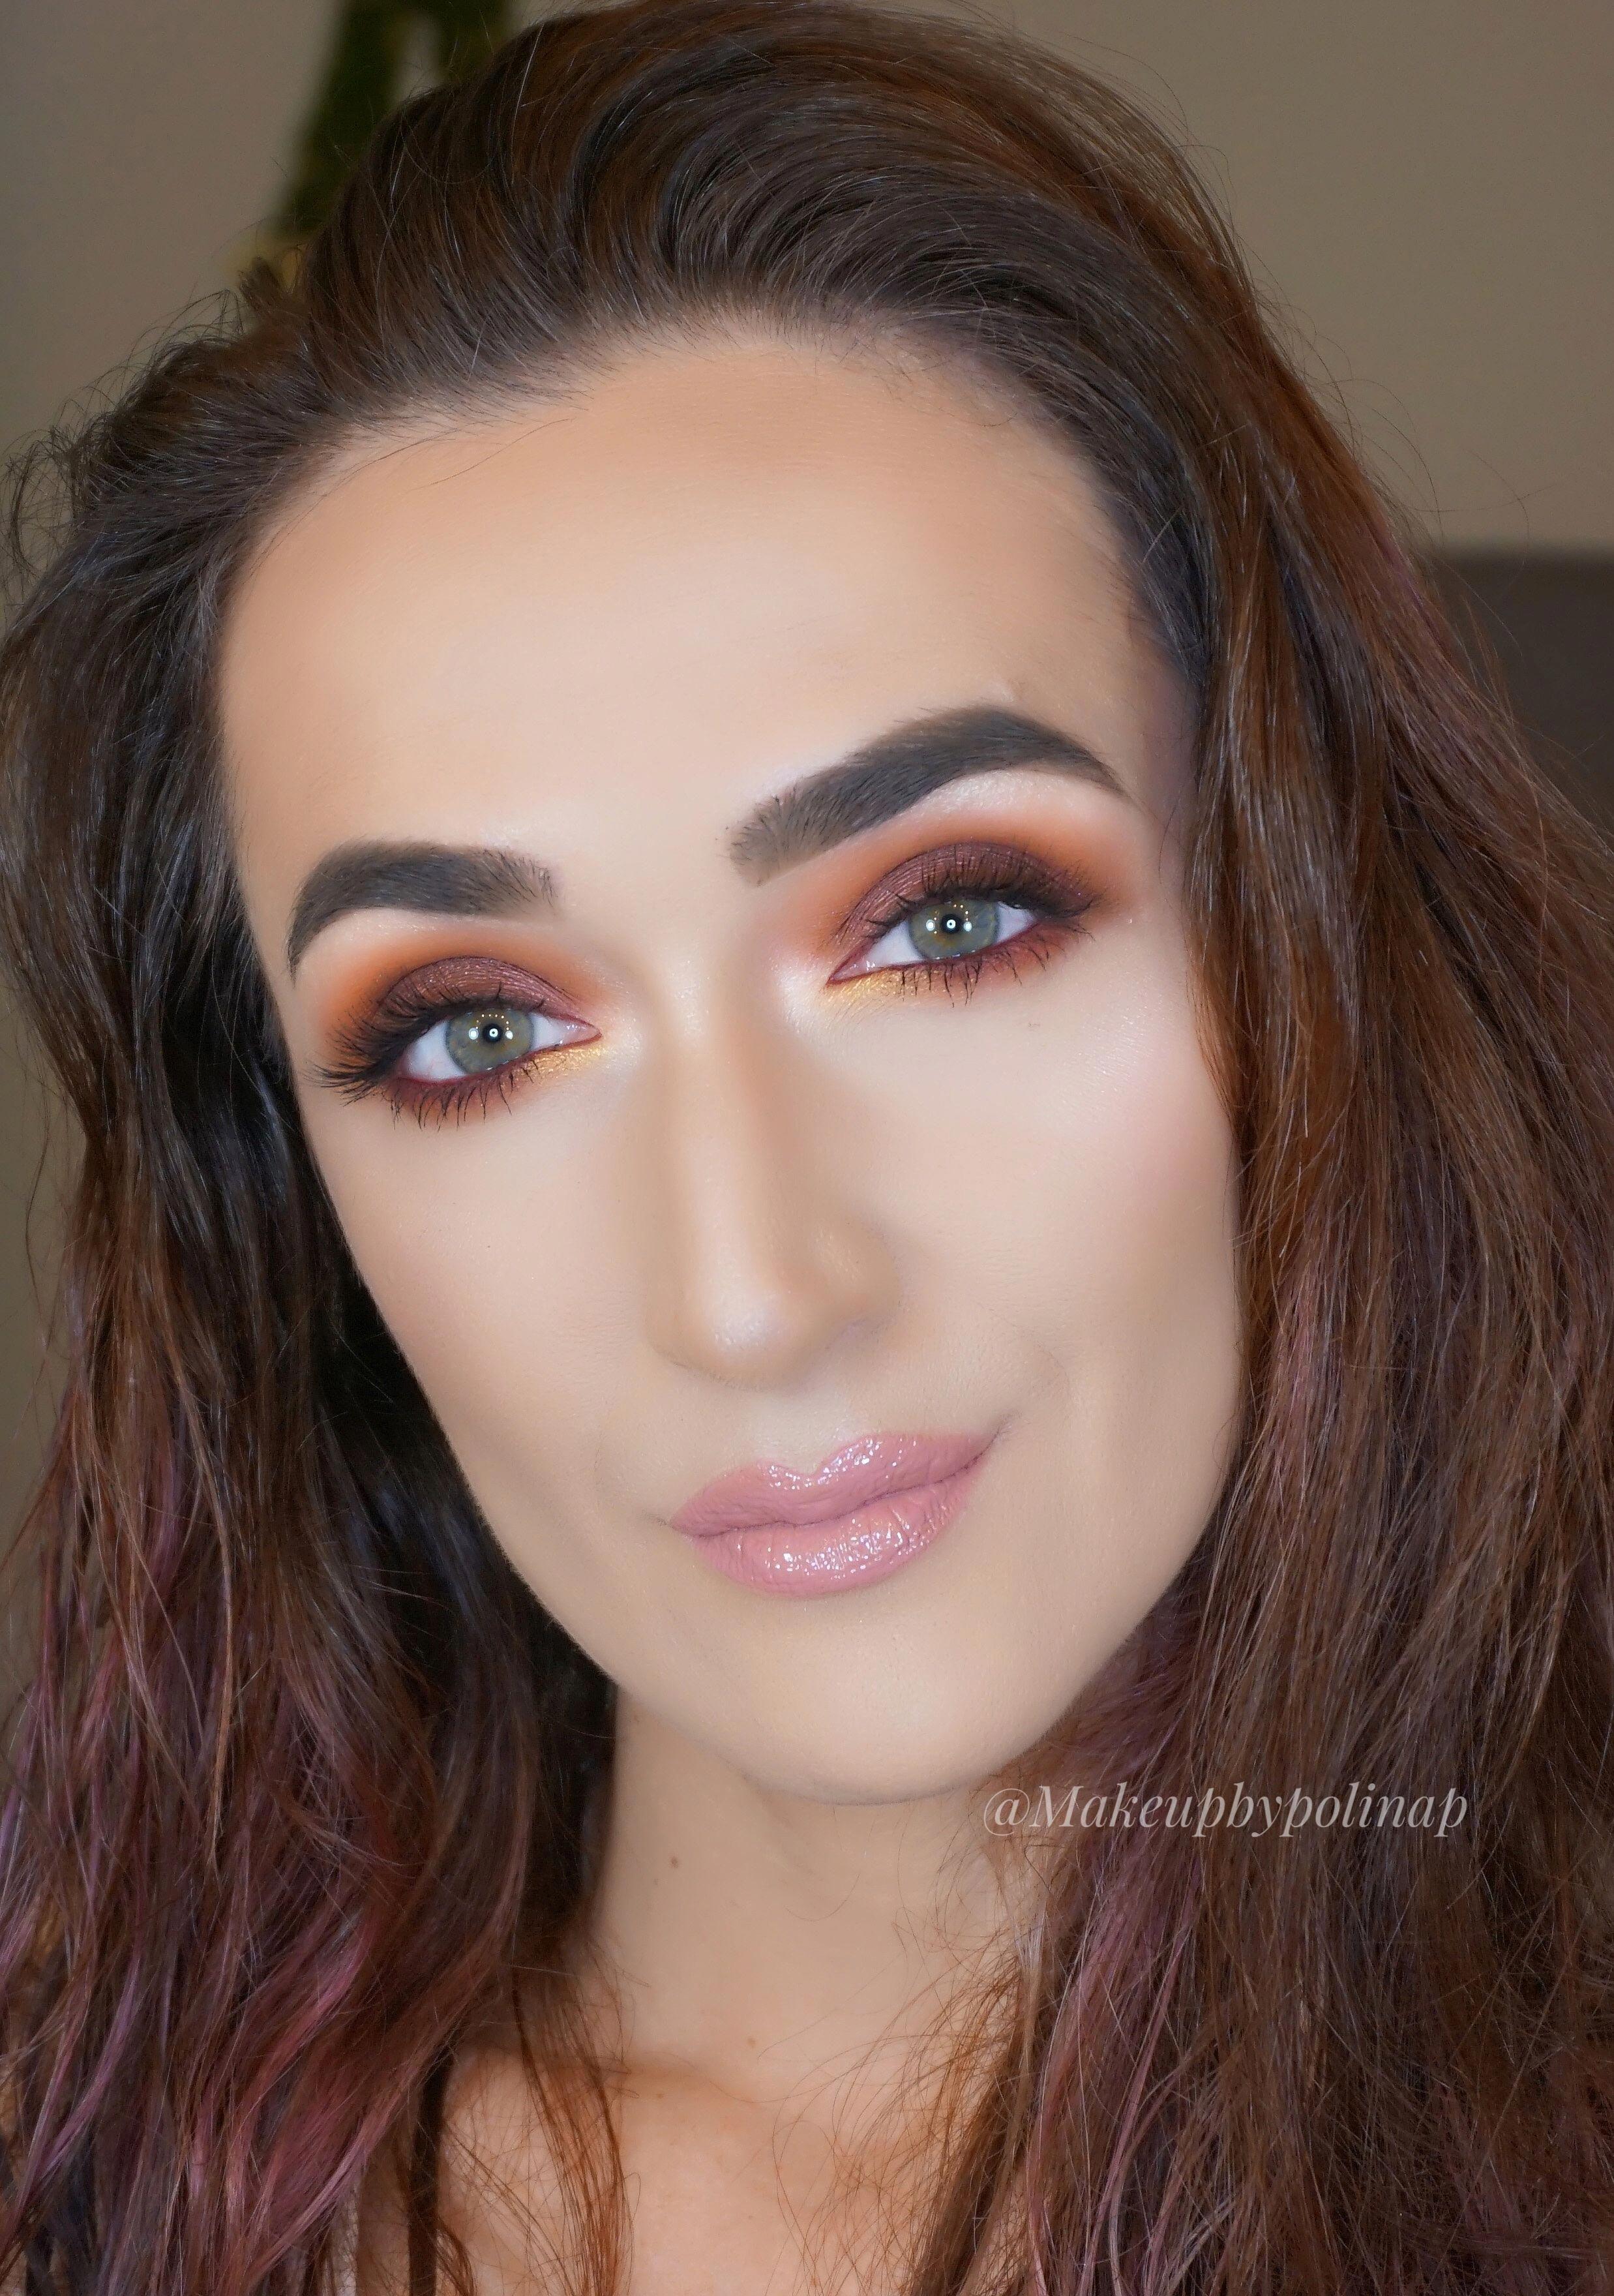 makeupgeek Makeup geek foiled eyeshadow, Makeup geek